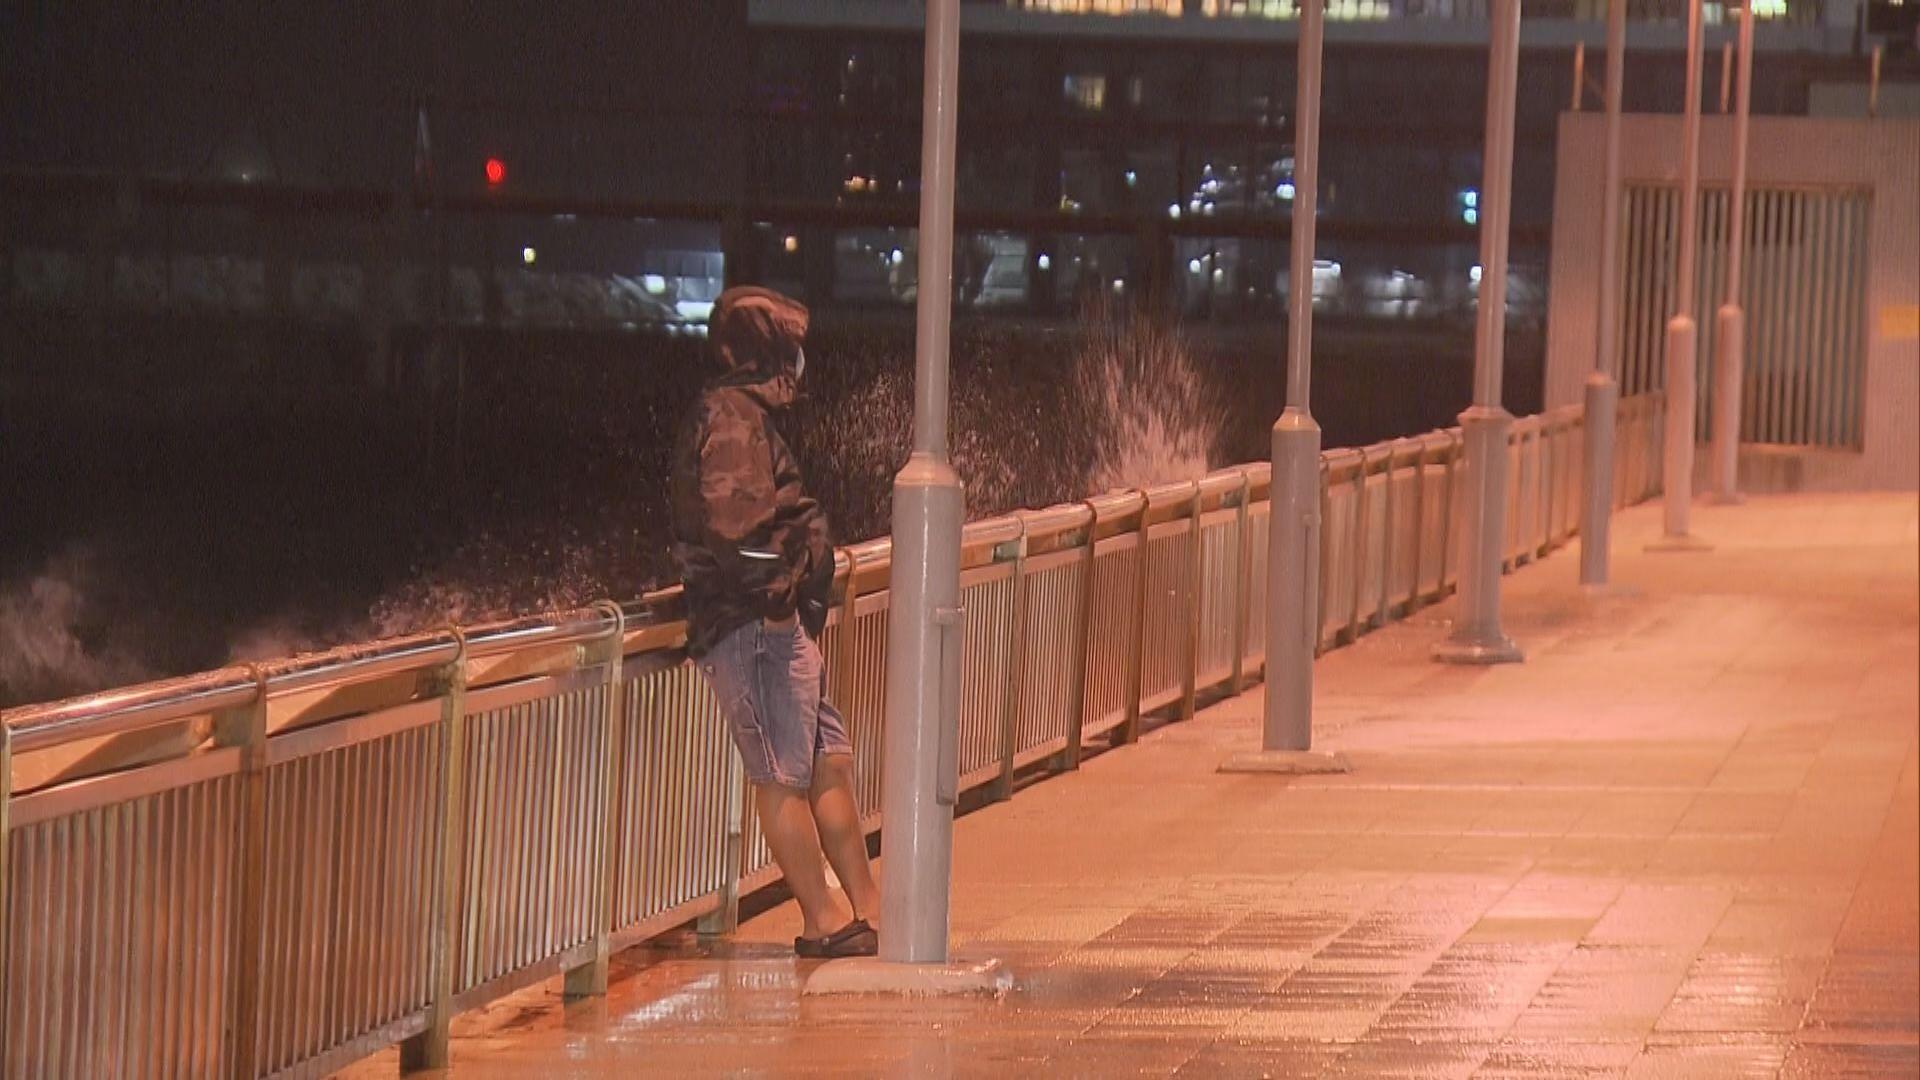 八號熱帶氣旋警告生效 入夜後風勢逐漸加強